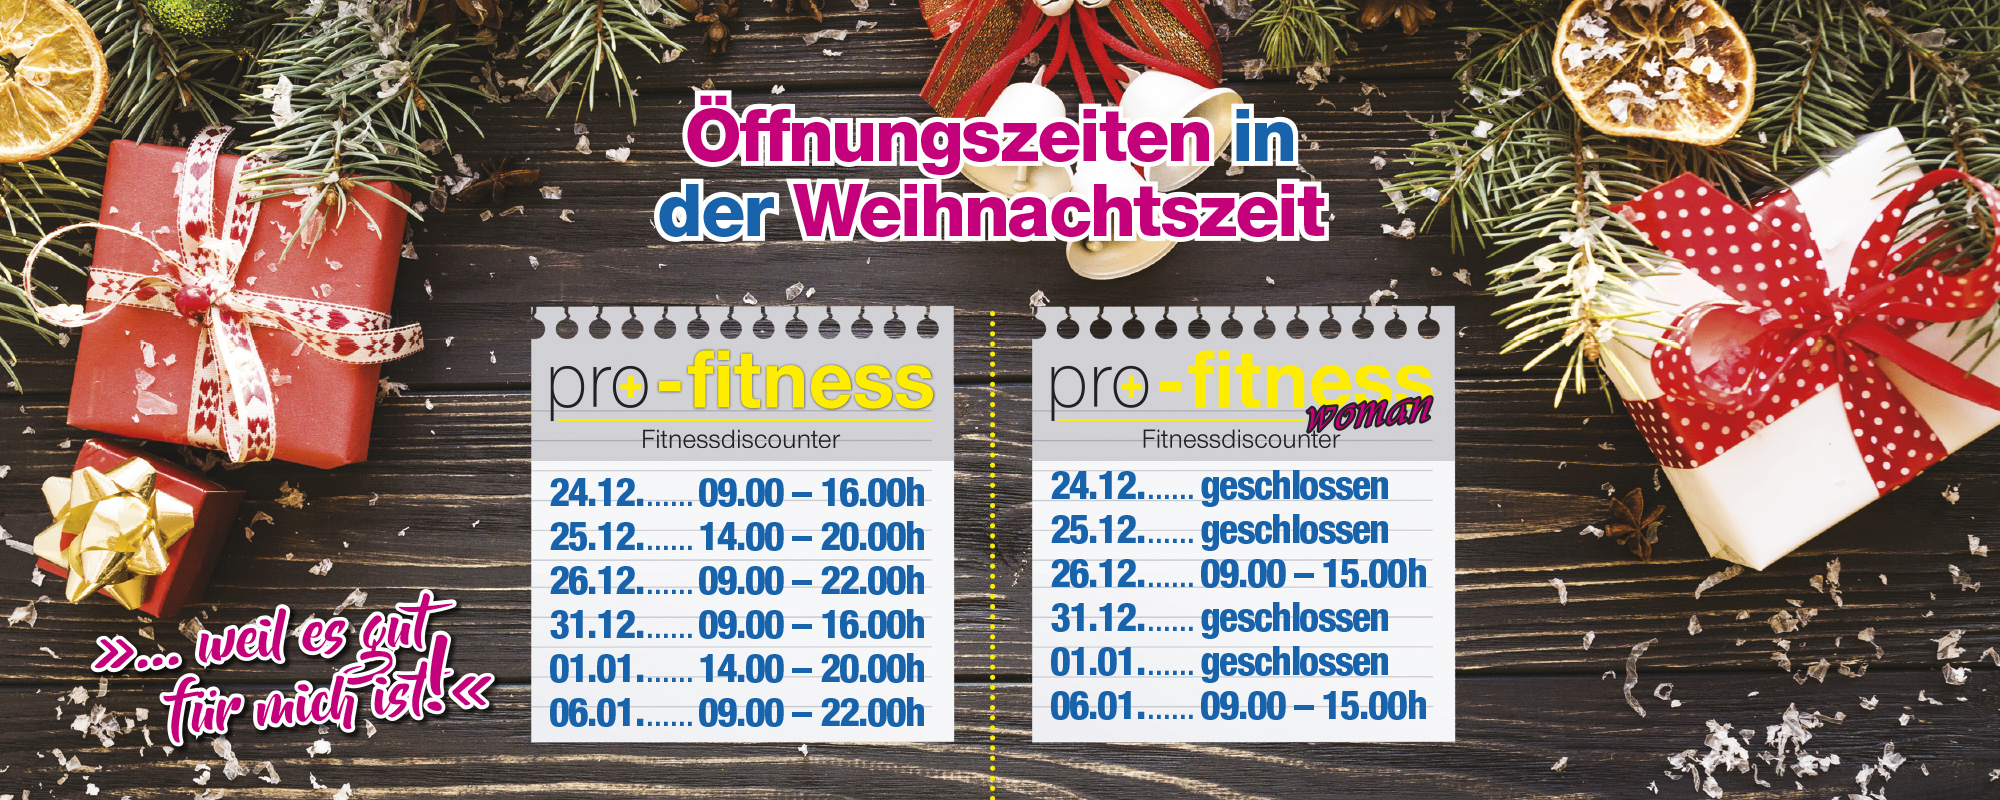 Slider Weihnachtsöffnungszeiten - Pro Fitness